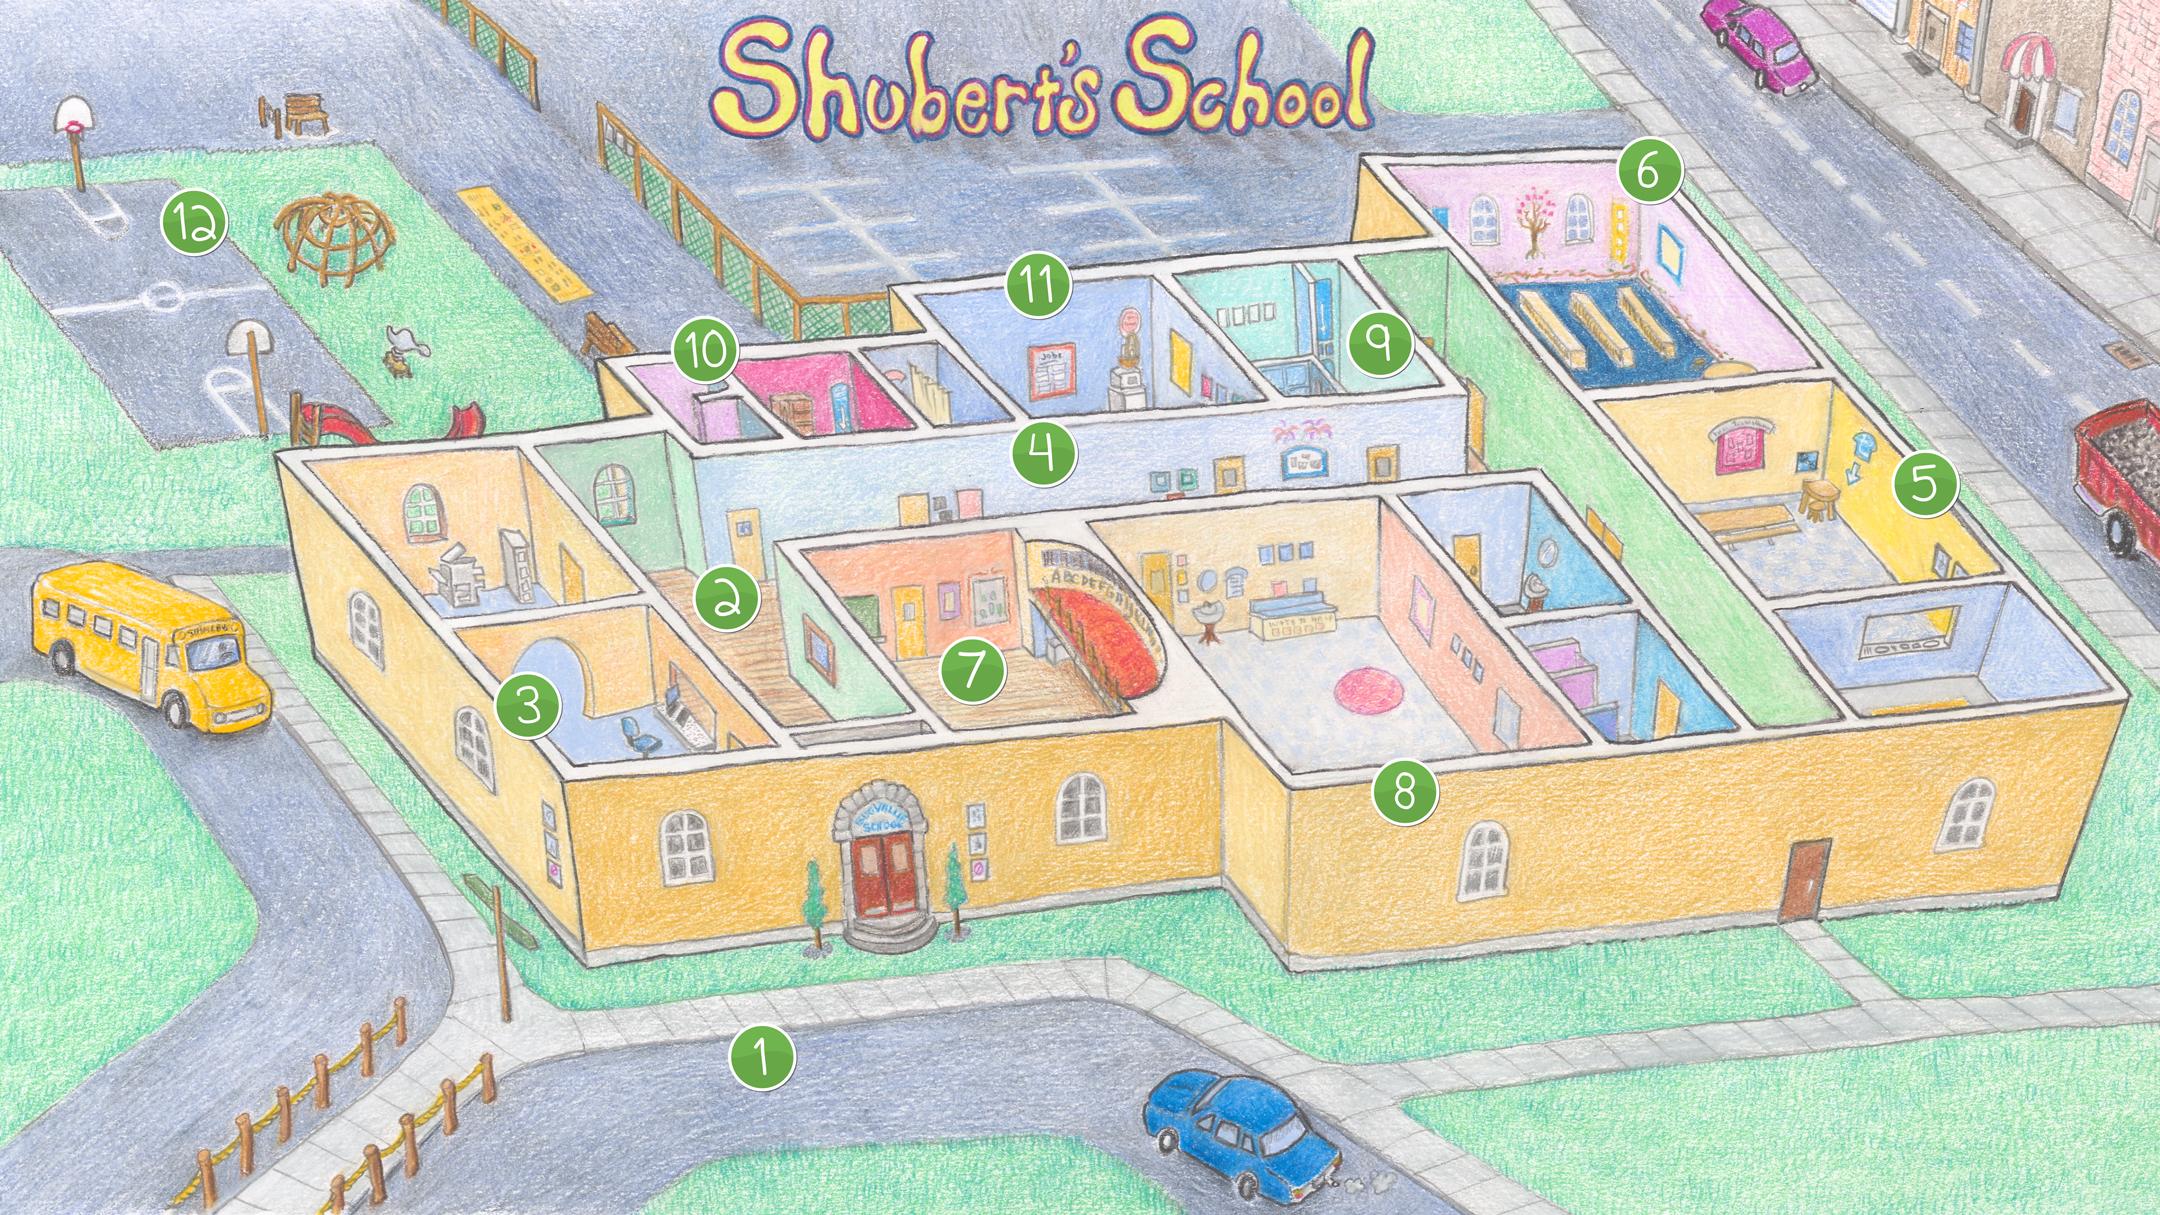 Shubert's School